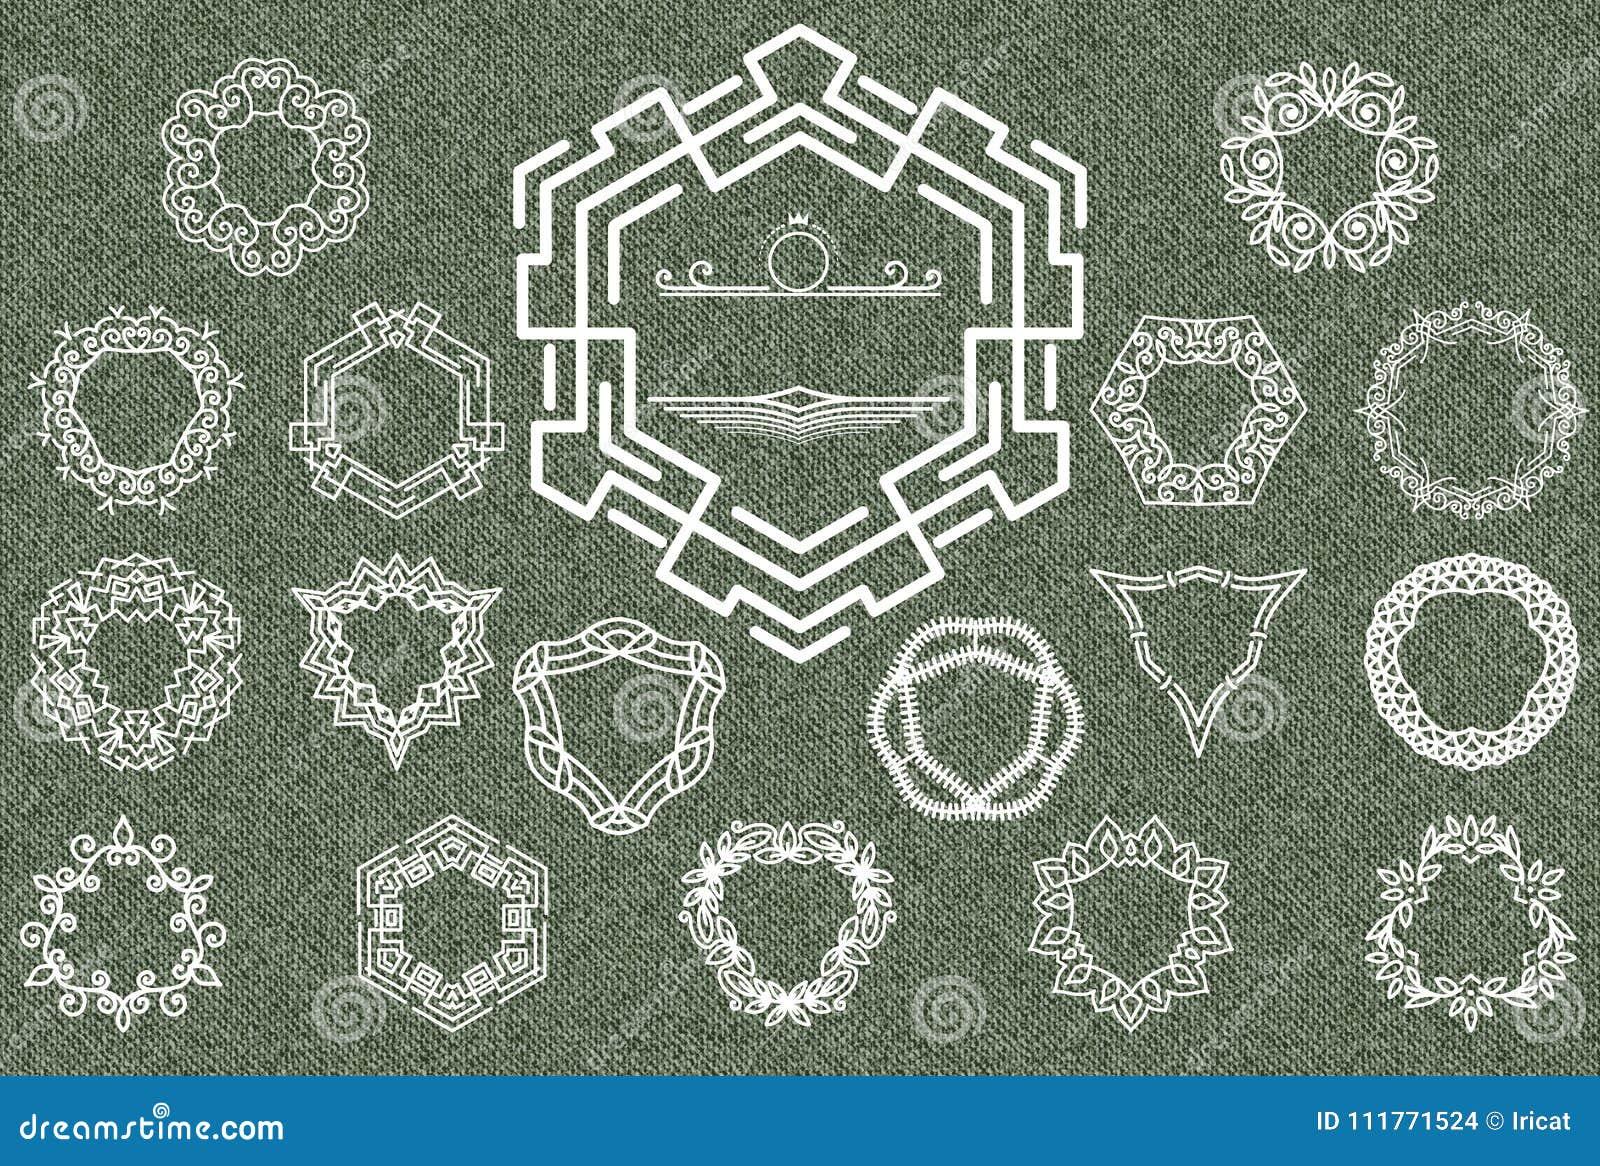 Αναδρομικό εκλεκτής ποιότητας σύνολο Insignias ή Logotypes Στοιχεία σχεδίου πολυτέλειας, επιχειρησιακά σημάδια, λογότυπα, ταυτότη